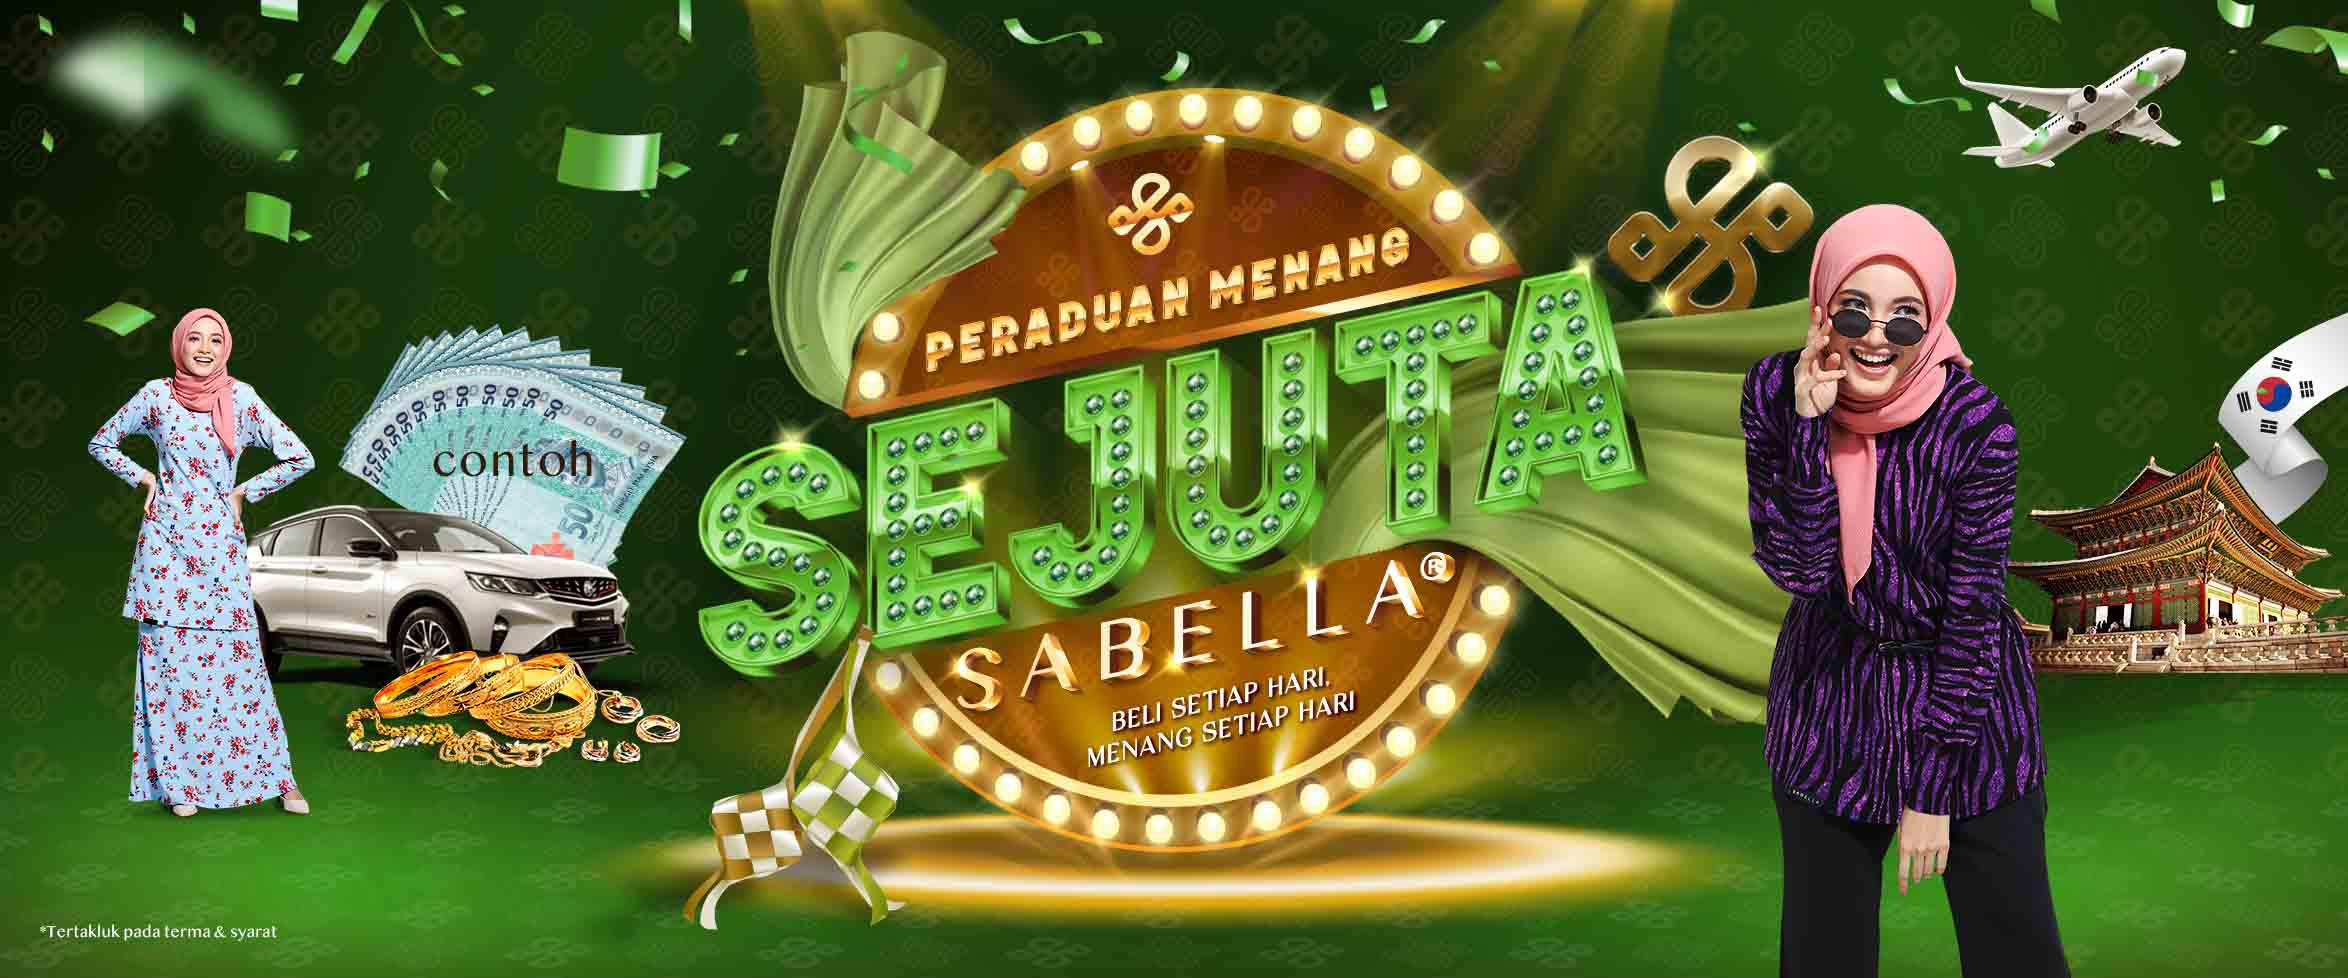 Contest Menang 1 Juta Sabella (Raya Edition)